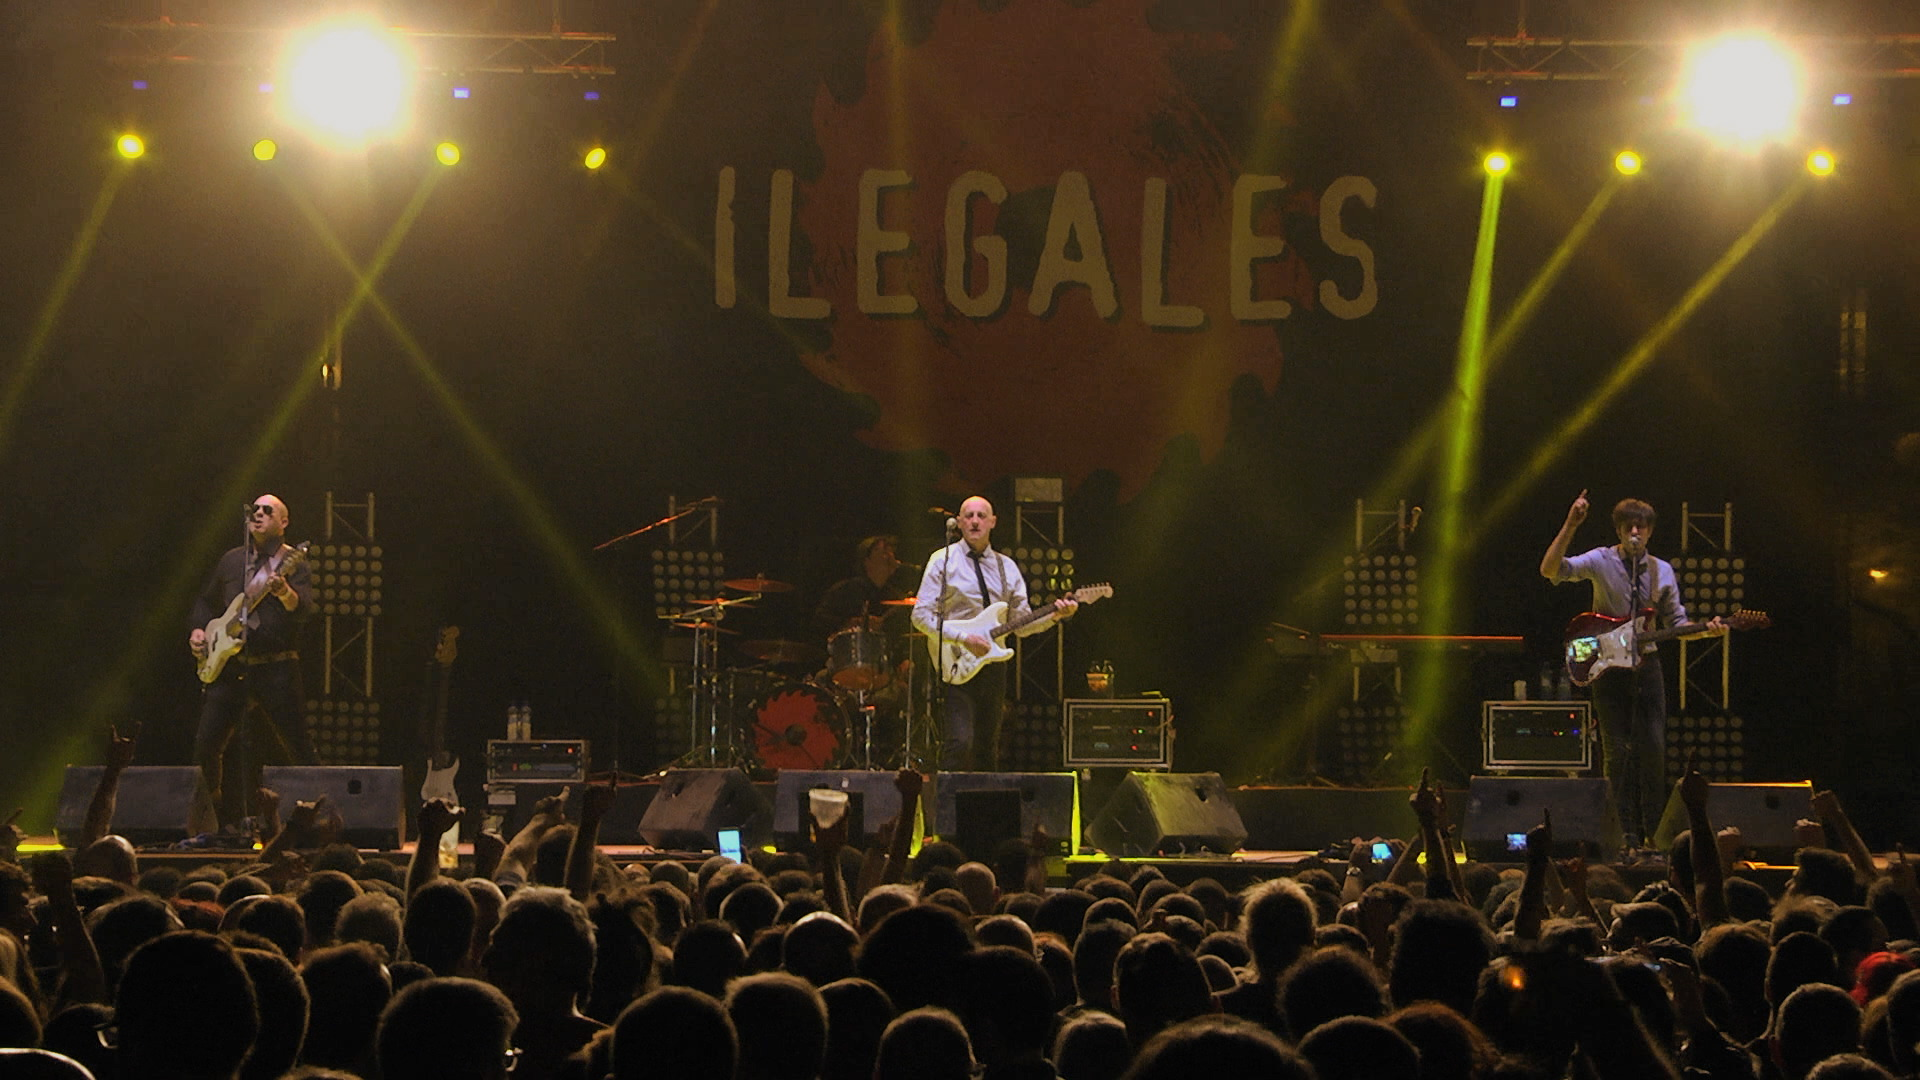 reportaje-ilegales_1